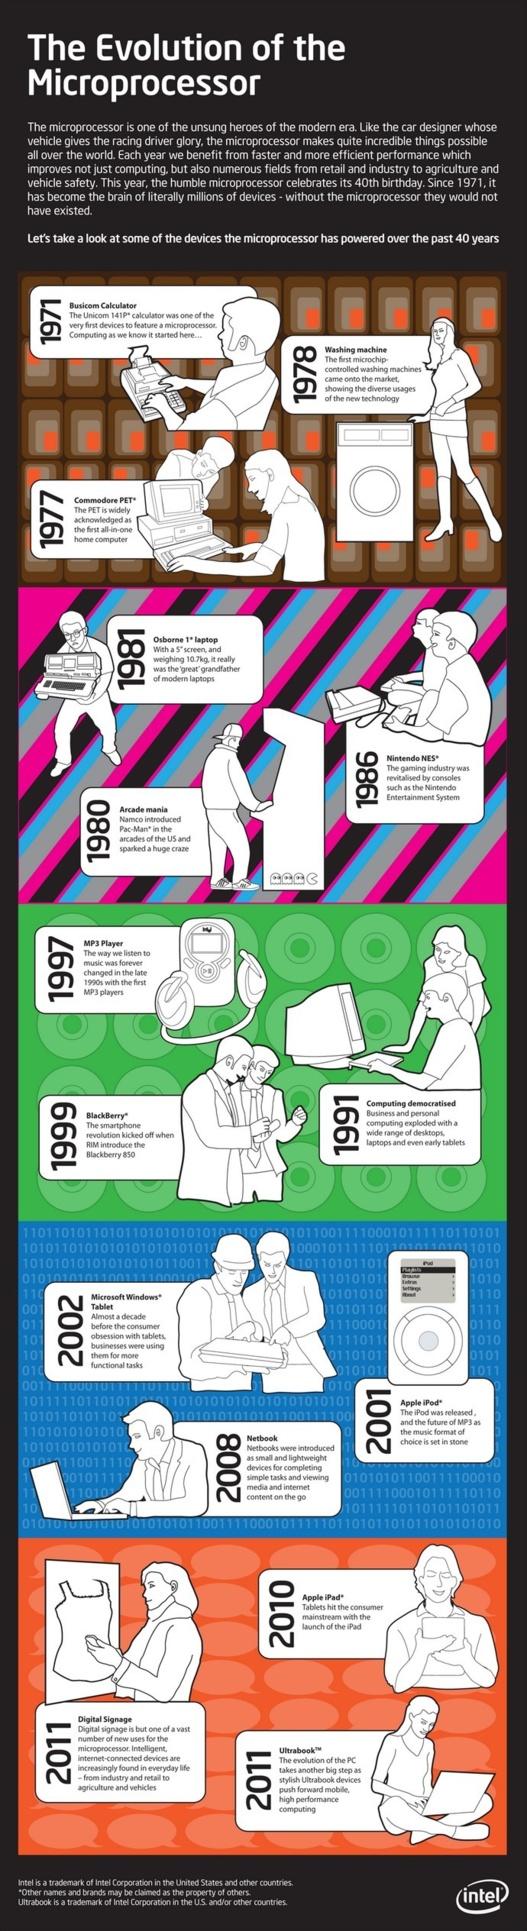 Histoire du Microprocesseur en 1 image